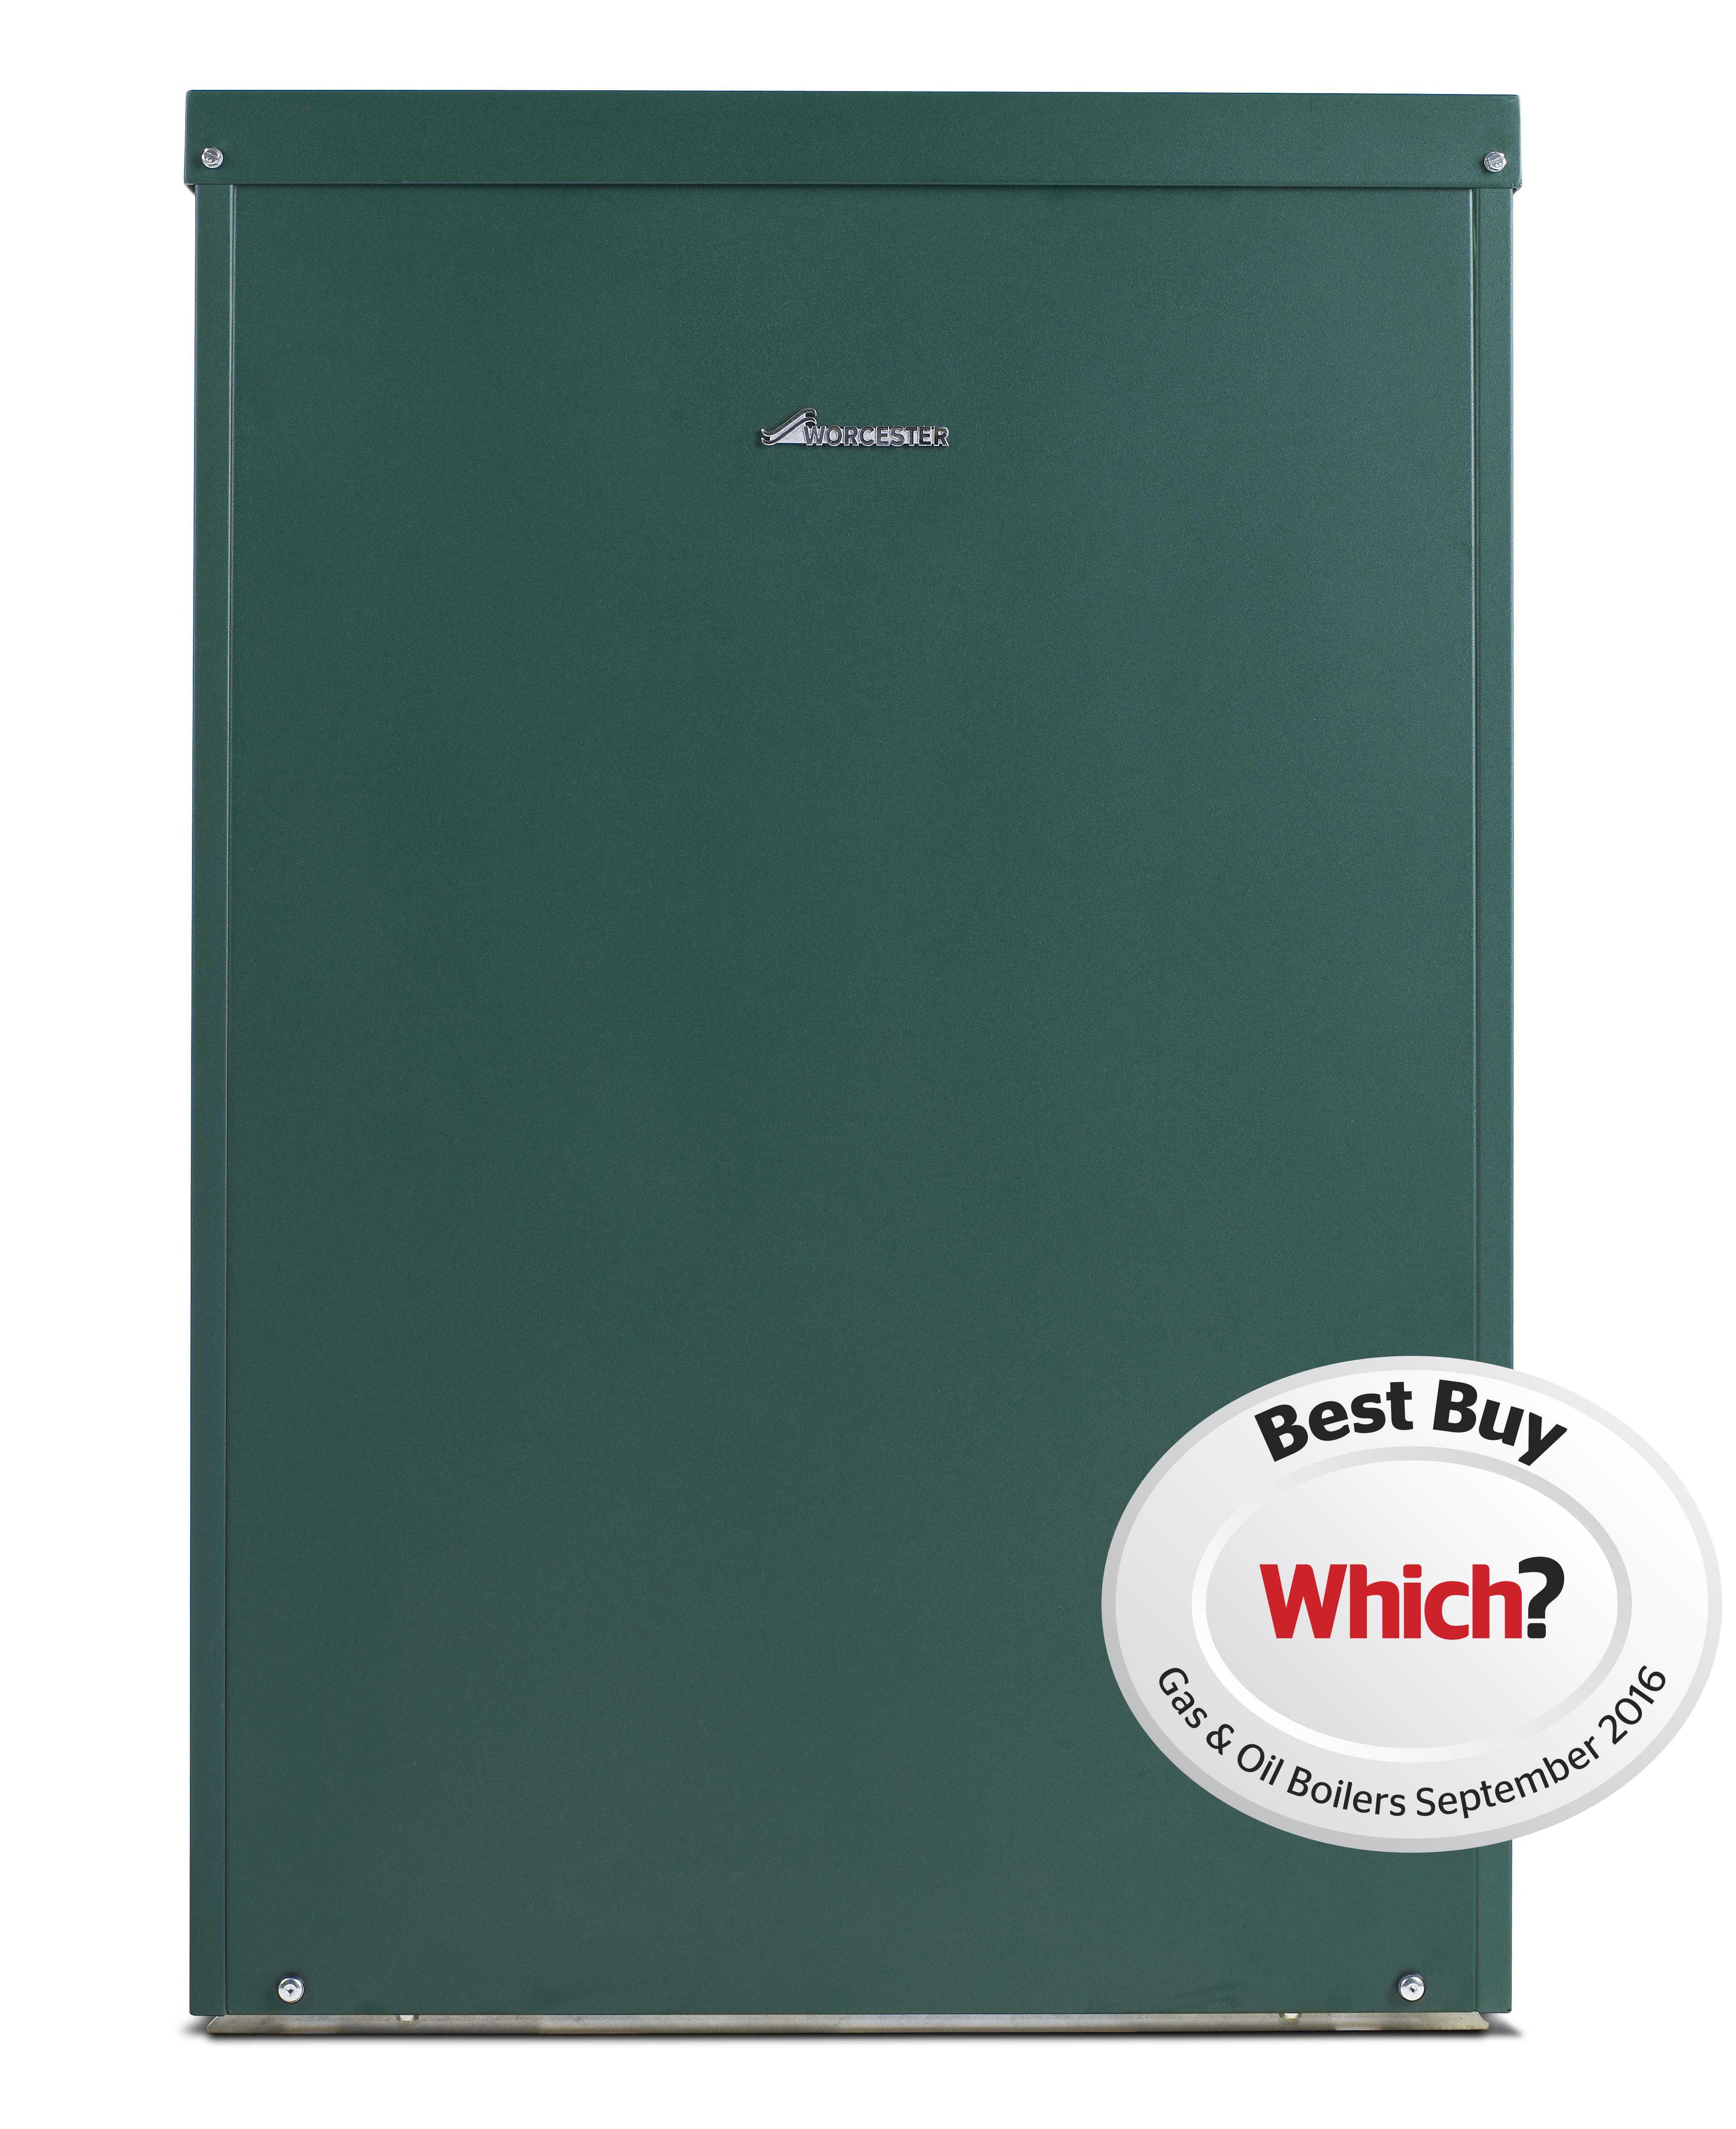 Greenstar Heatslave Ii External Jon Ayres Heating And